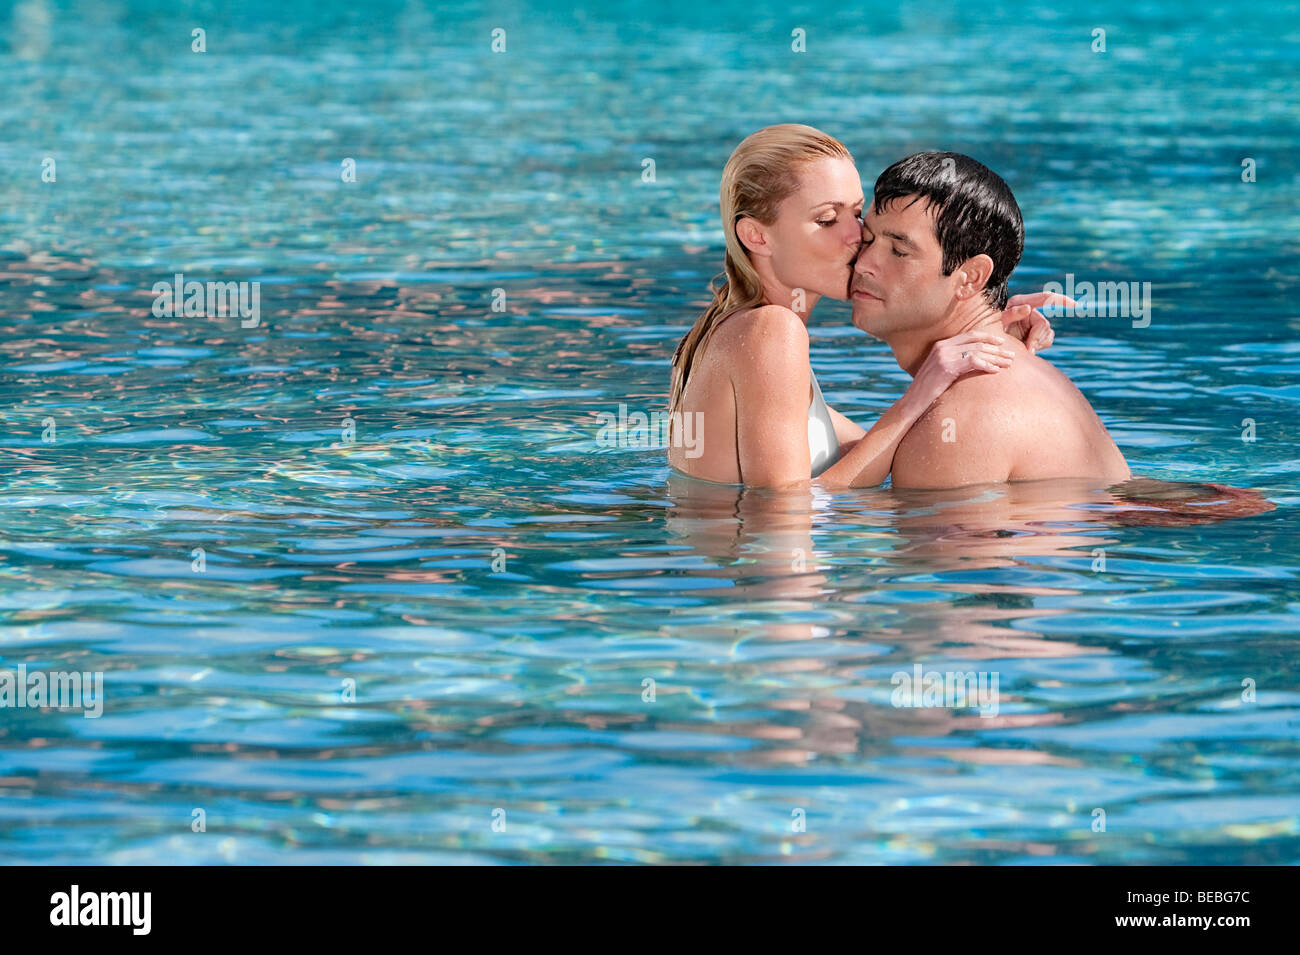 Giovane romancing in una piscina, Biltmore Hotel Coral Gables, Florida, Stati Uniti d'America Foto Stock